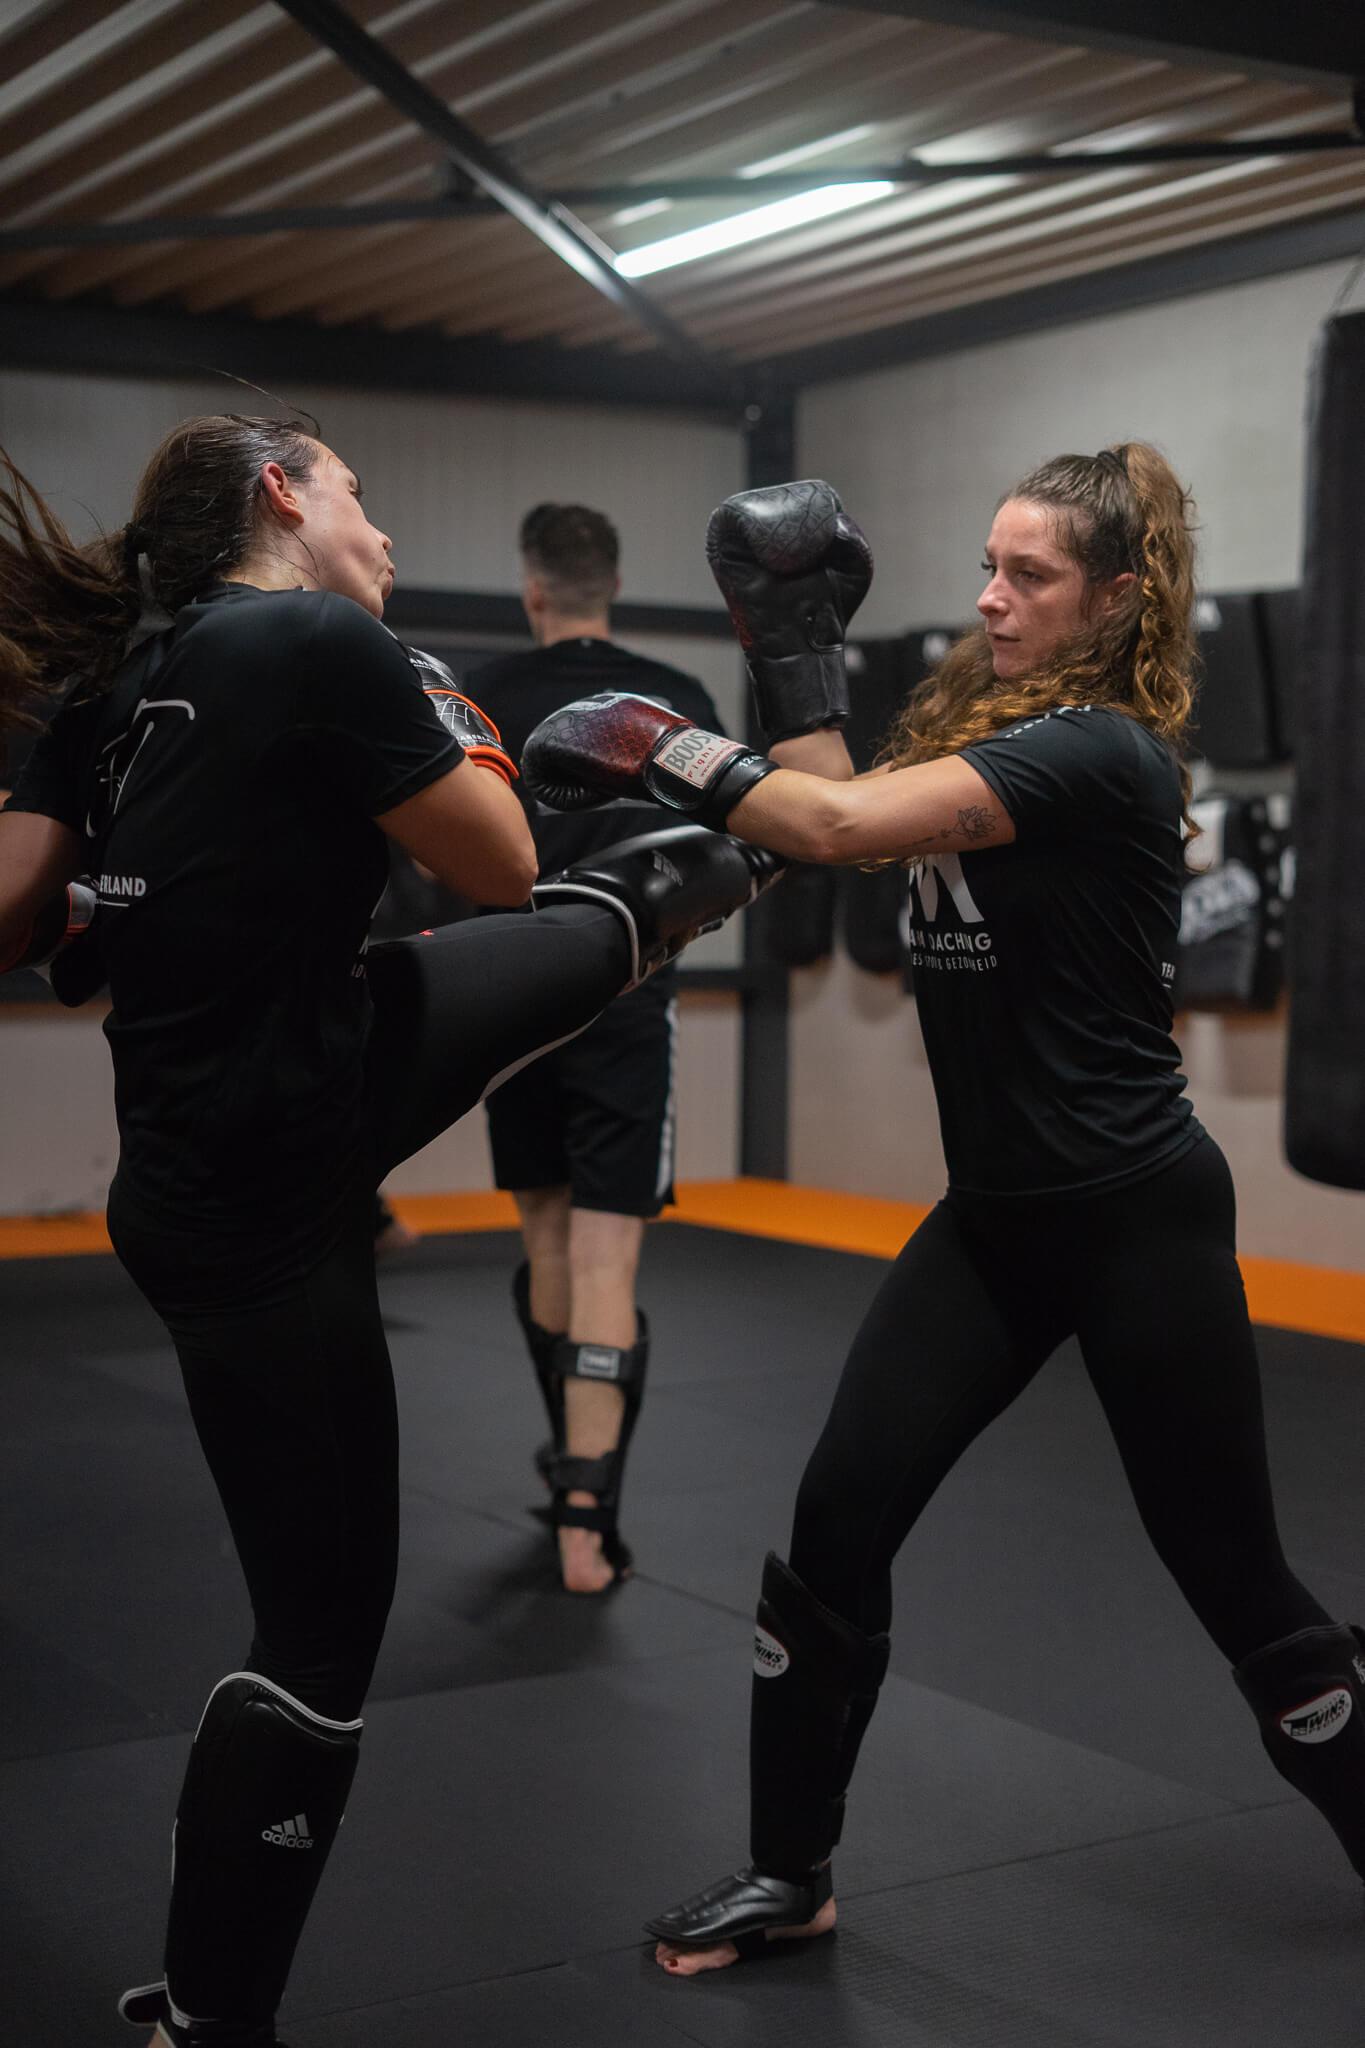 Kickboksen dames